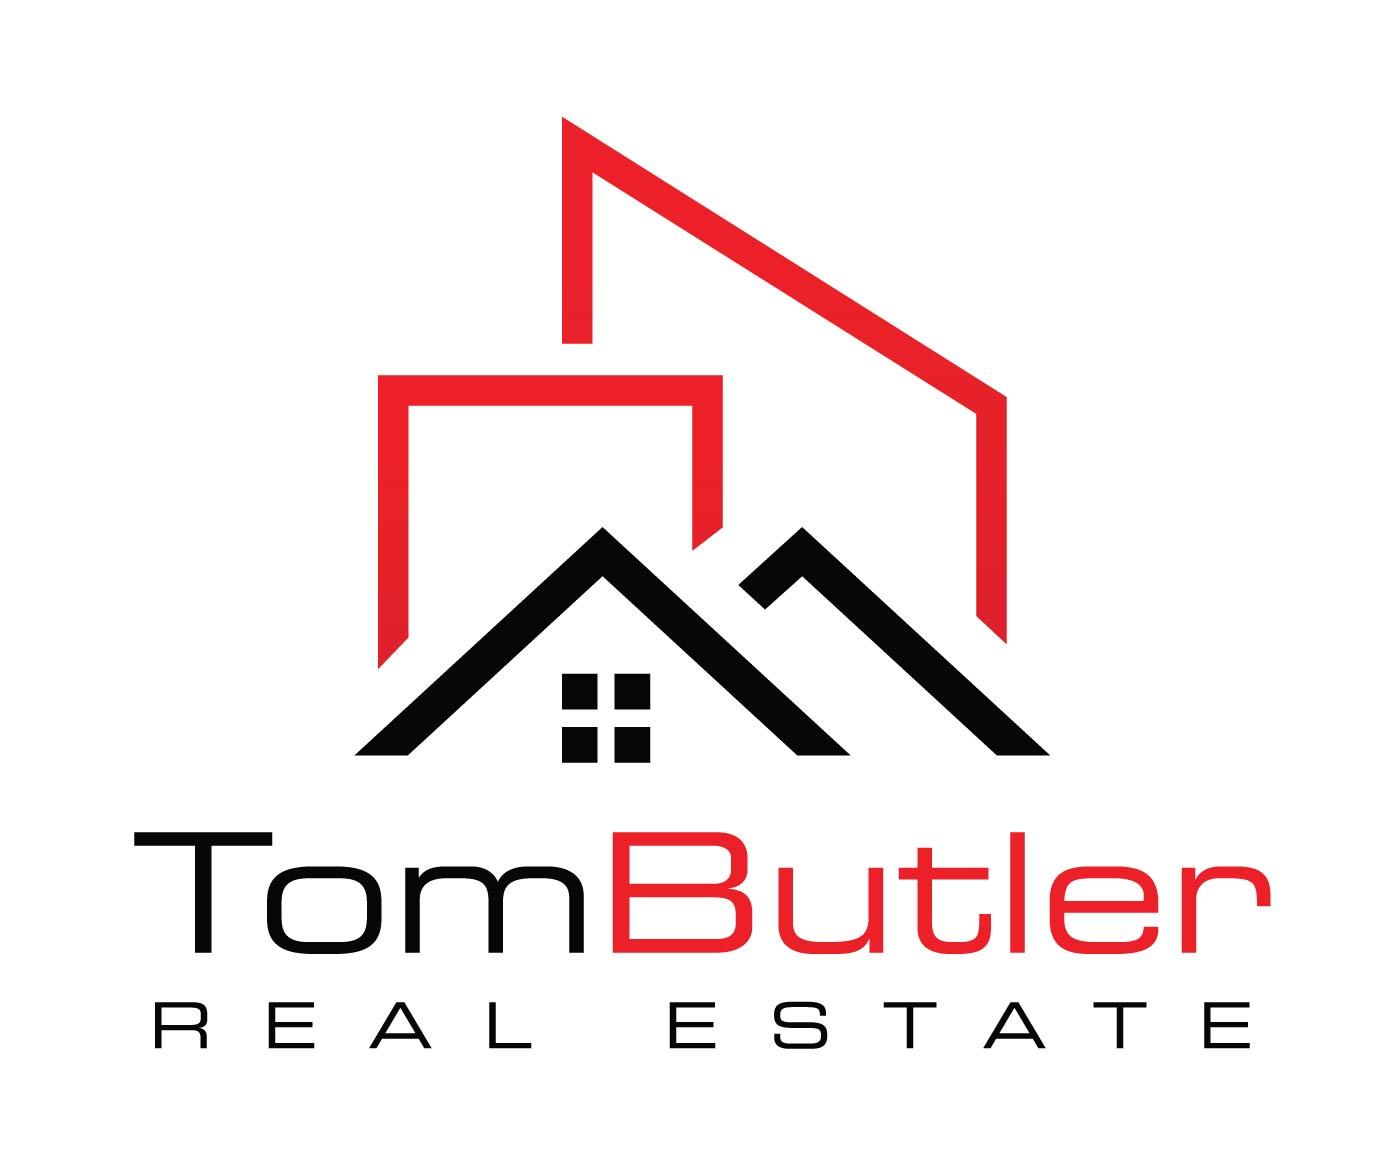 Tom Butler Real Estate